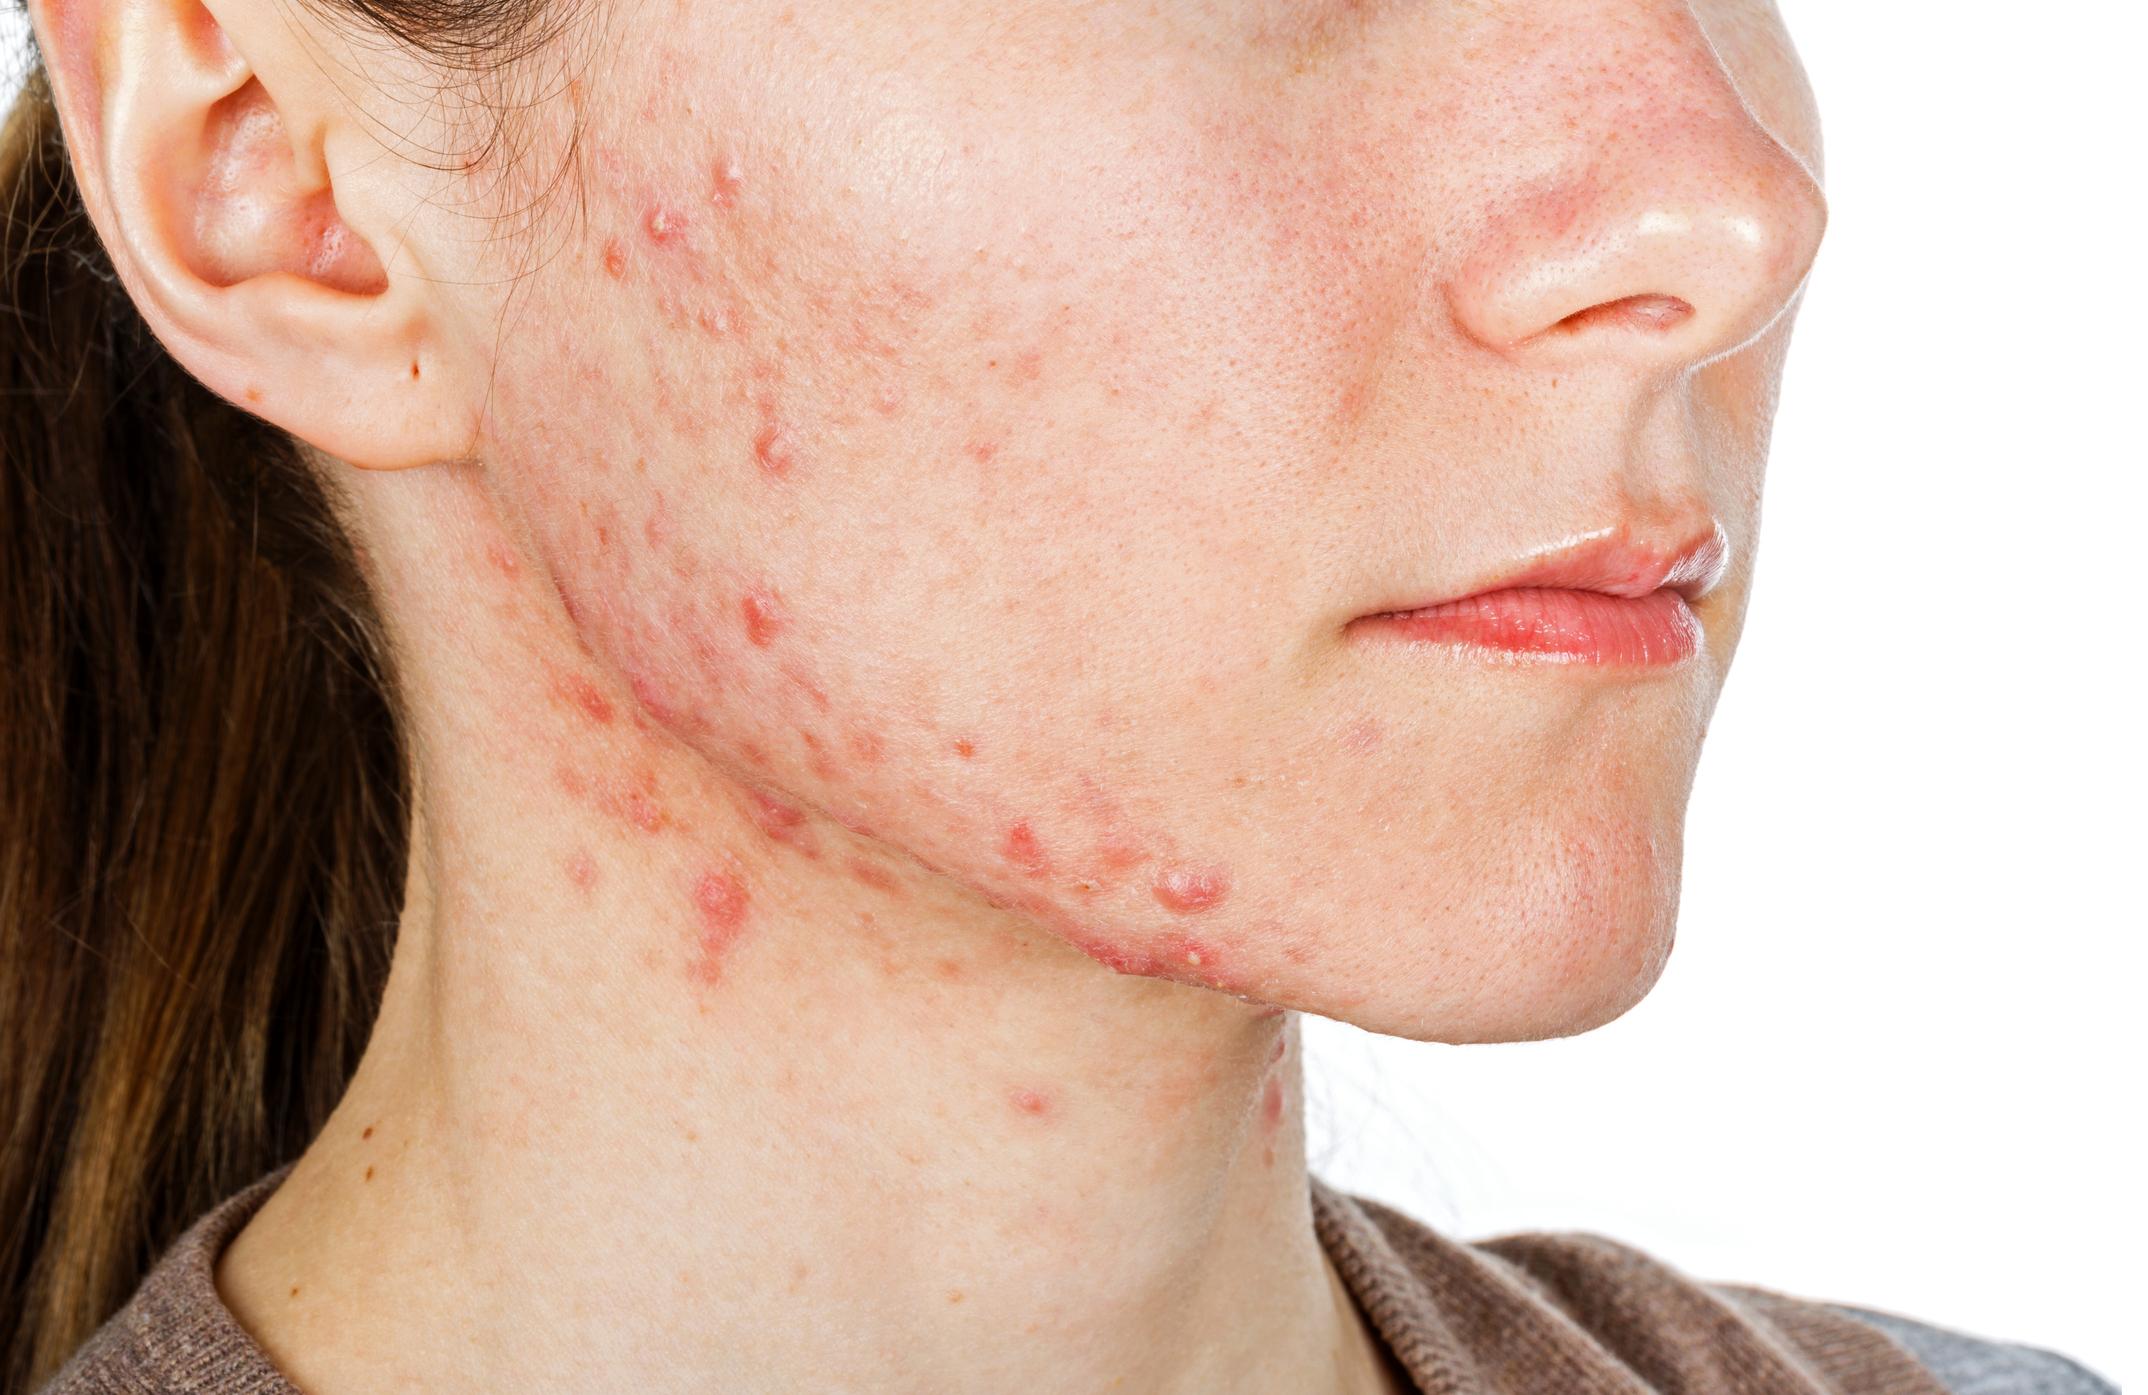 Gesicht verhornungsstörung Hautverhornung: Keratose: